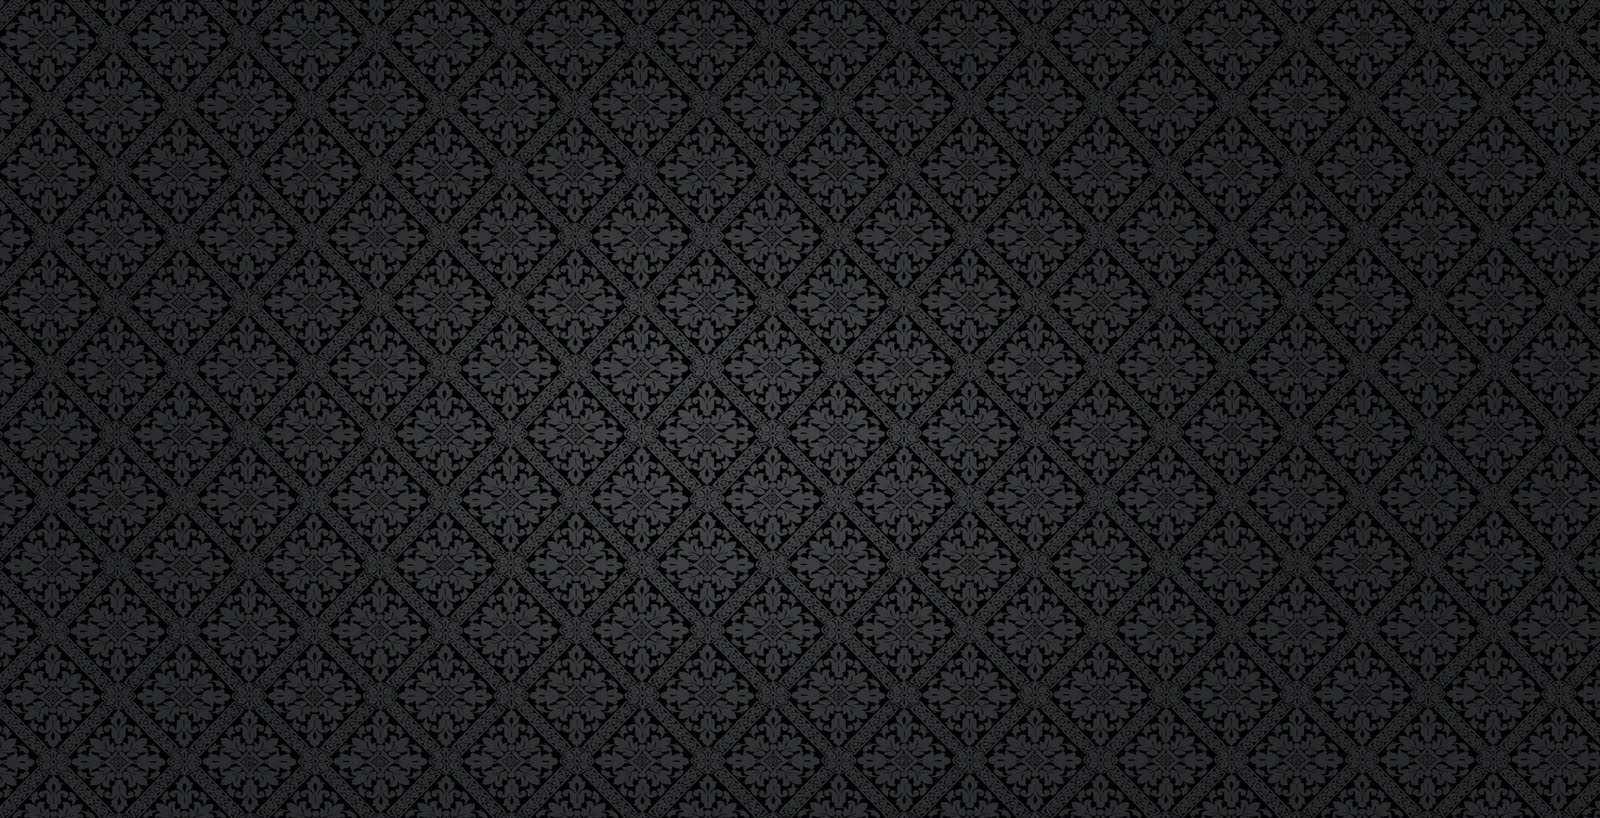 floral wallpaper with black background 36 desktop